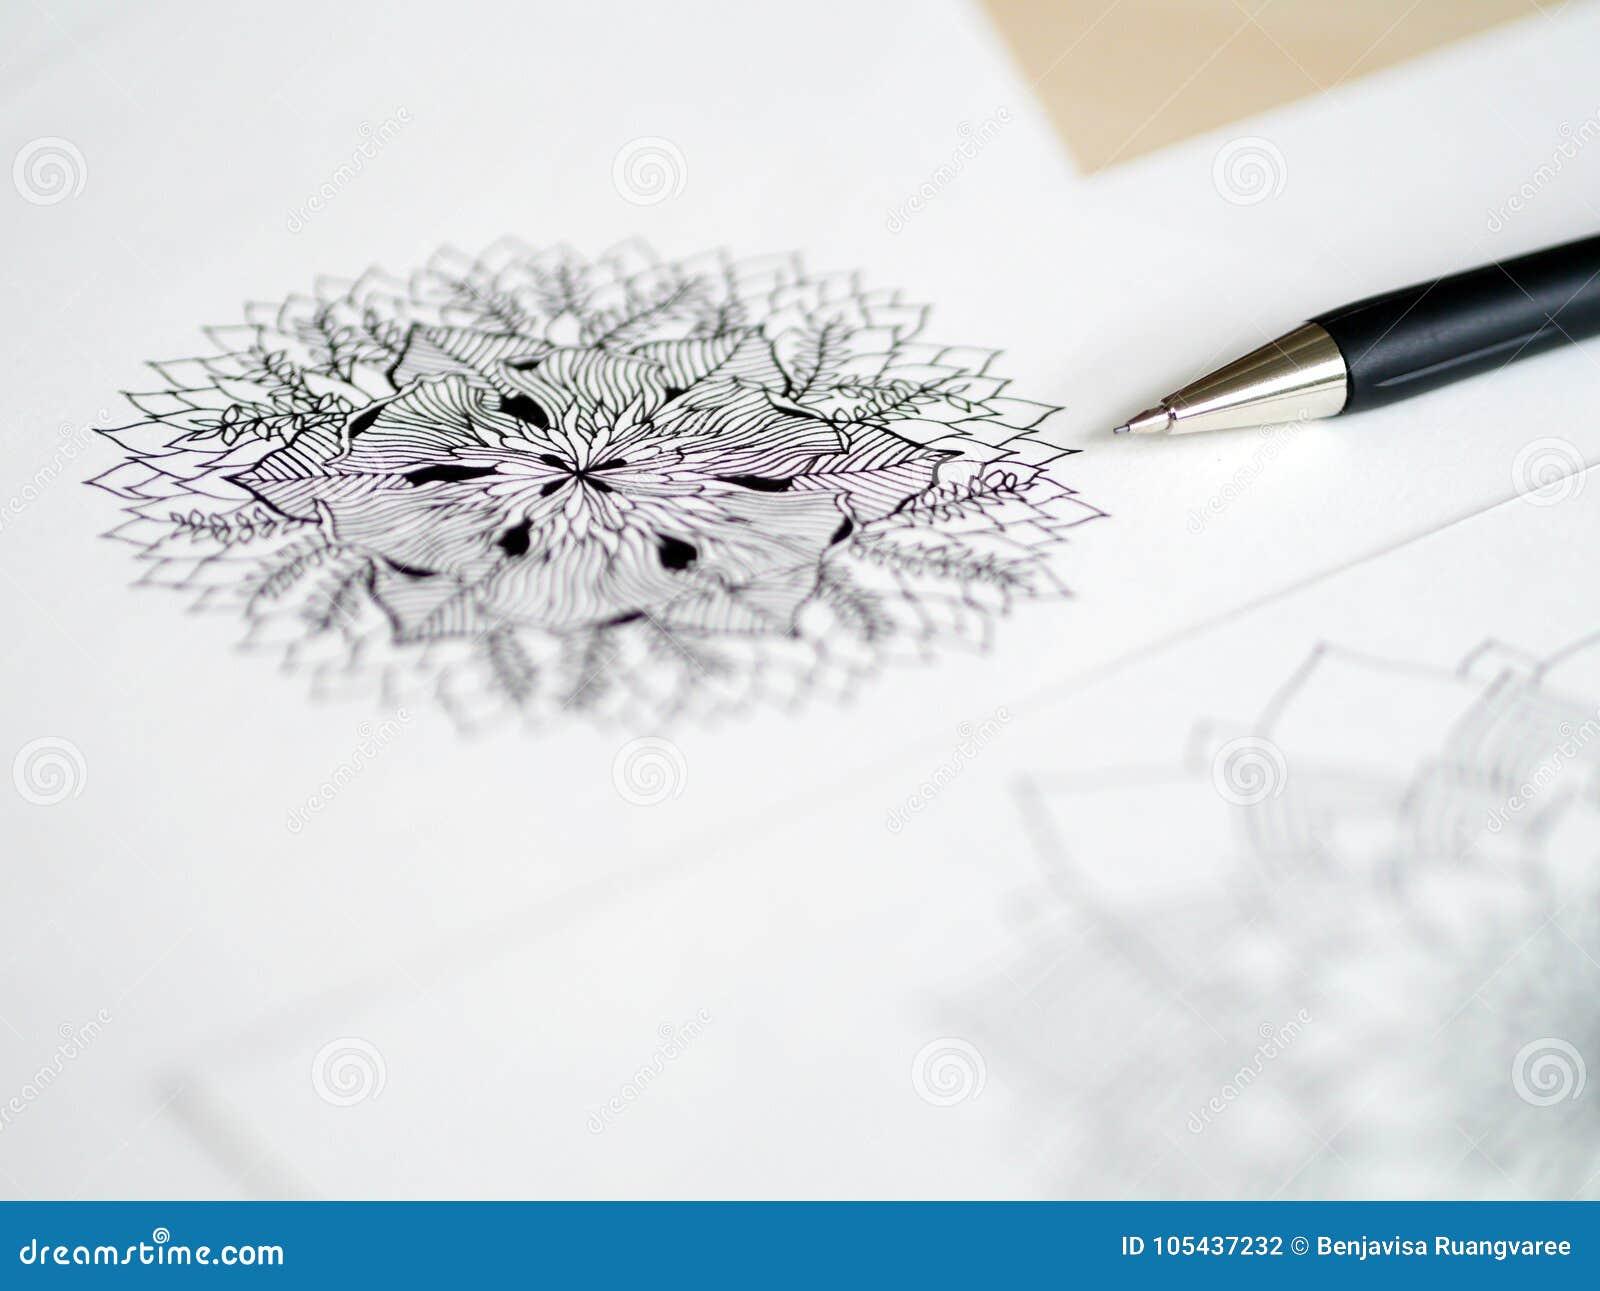 Pluma De Escritorio De La Opinión Del Artista Dibujo Floral De La